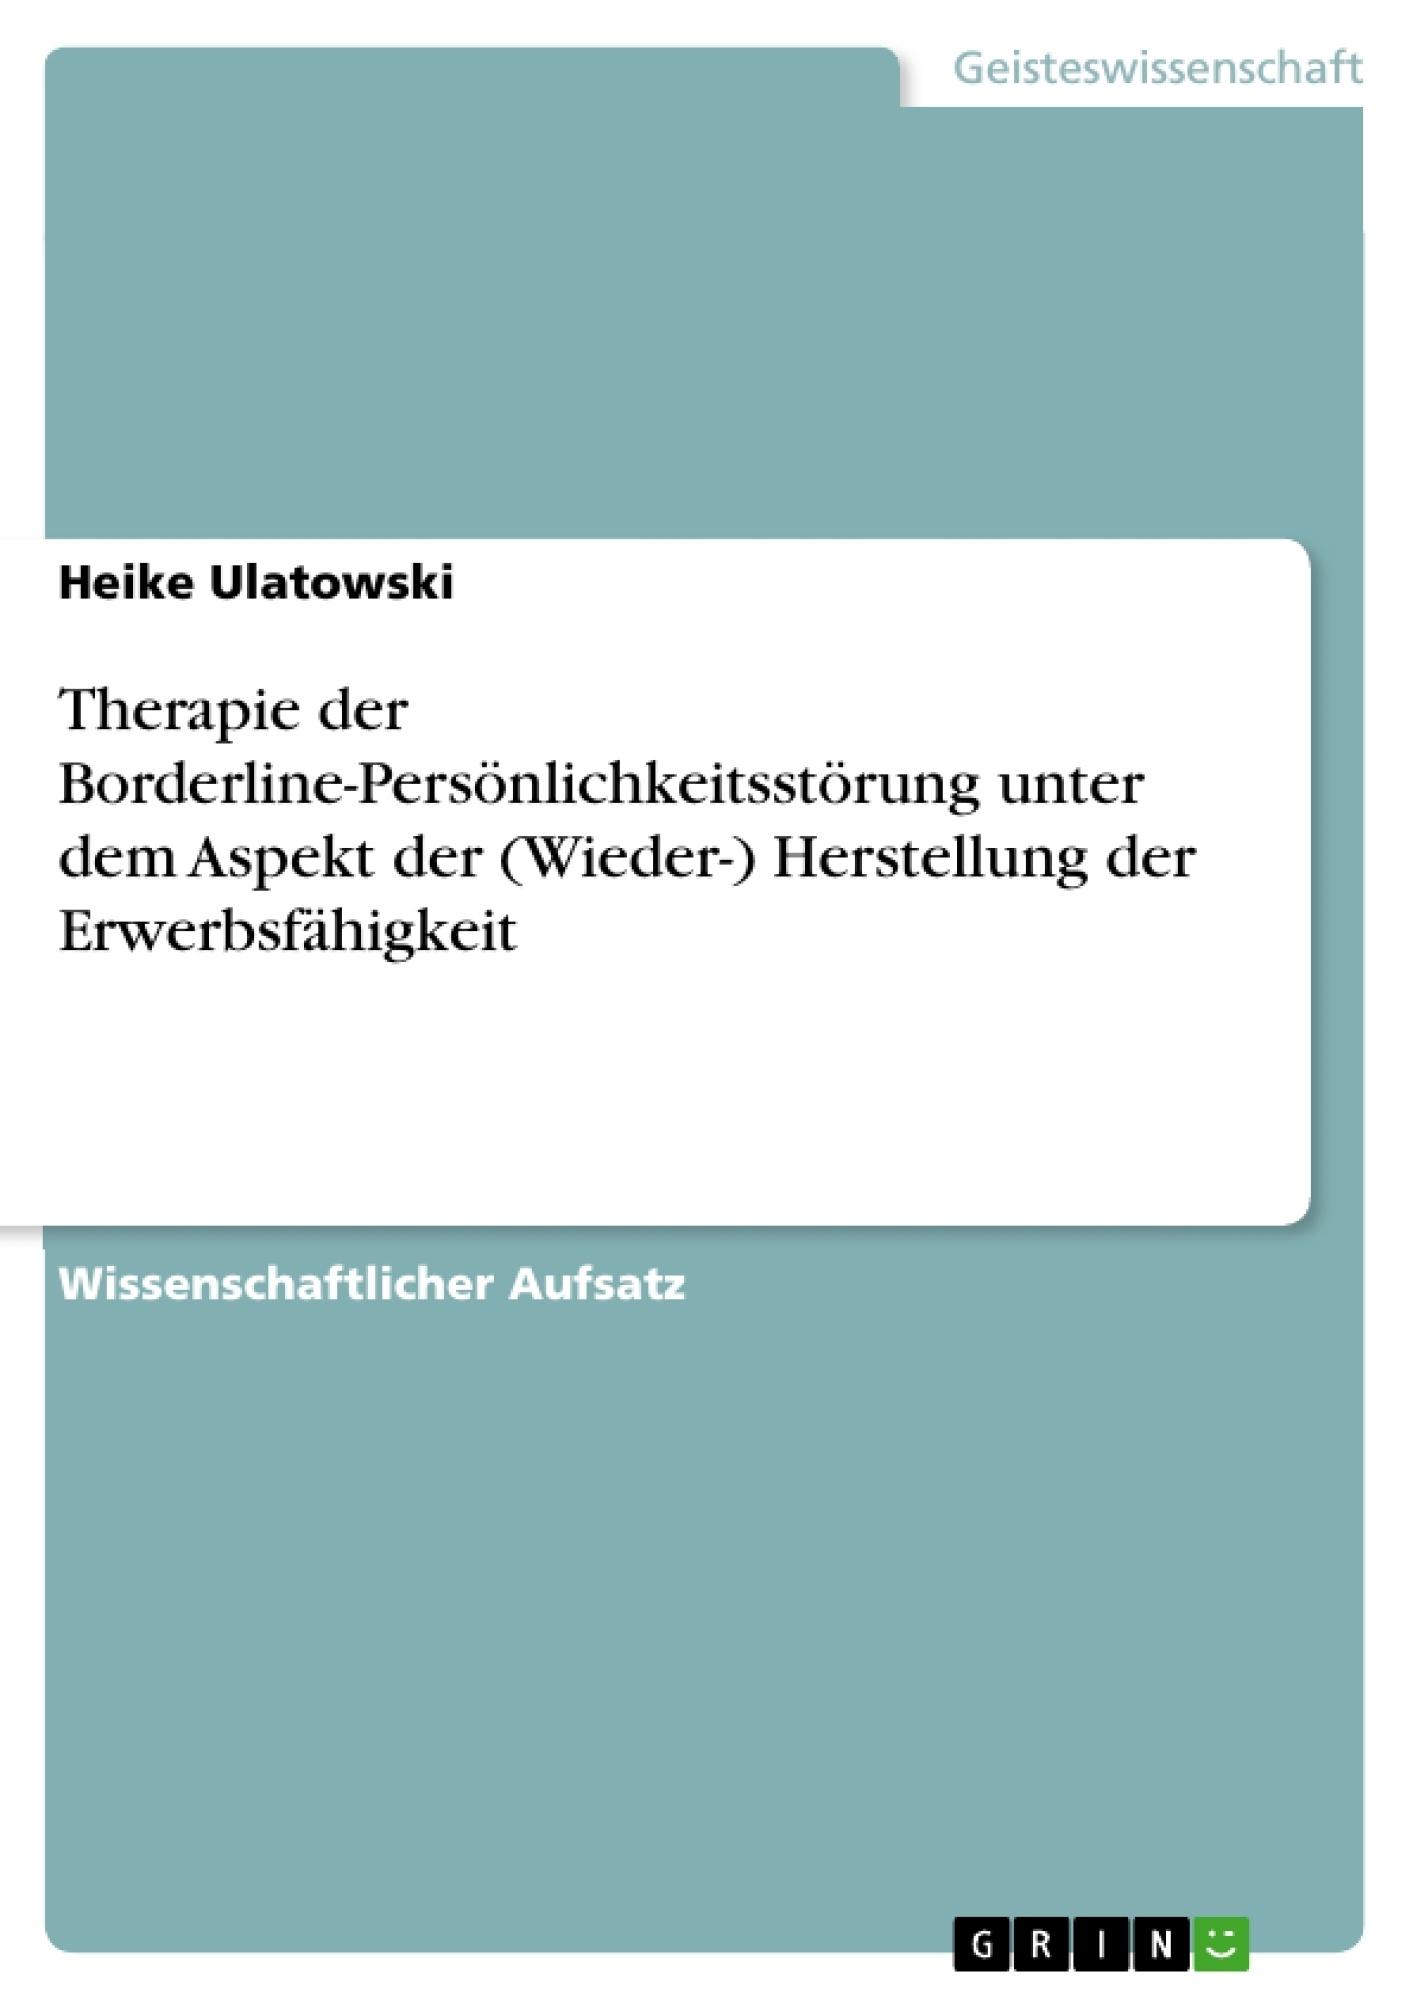 Titel: Therapie der Borderline-Persönlichkeitsstörung unter dem Aspekt der (Wieder-) Herstellung der Erwerbsfähigkeit